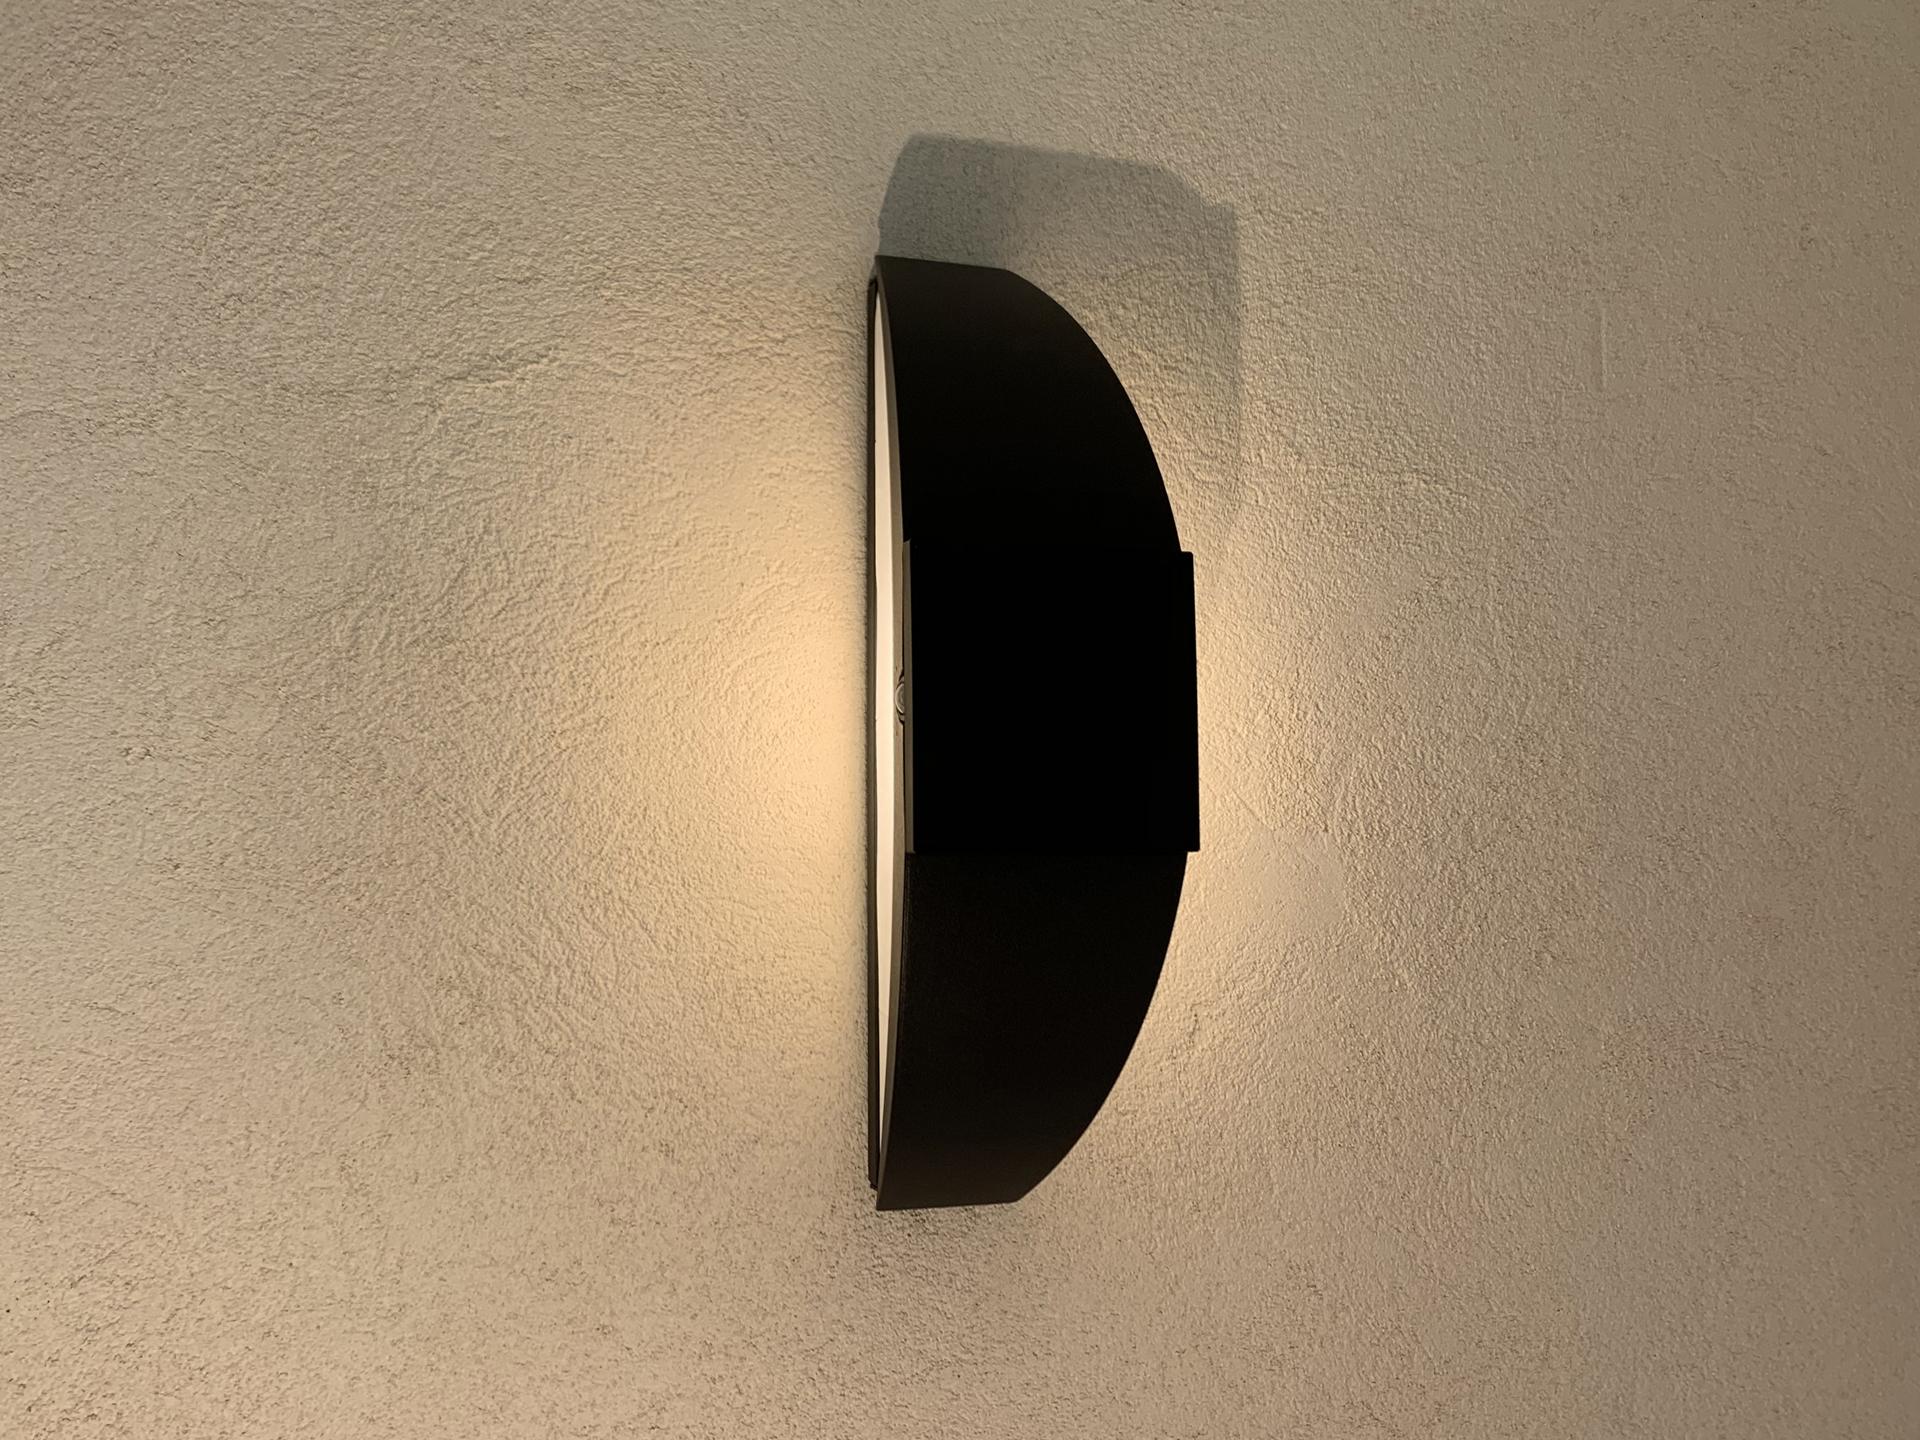 Applique extérieur solaire en acier, rouille Corten ou gris anthracite. Cette applique extérieur murale solaire permet un éclairage performant et un éclairage puissant. La lampe d'extérieur solaire Trait de Lune s'adapte à tout type d'environnement pour un éclairage extérieur design. Comme toutes les appliques extérieur solaires LYX Luminaires, l'applique extérieur solaire Trait de Lune est de conception et de fabrication française. L'applique extérieur design Trait de Lune est idéale pour l'éclairage de façades, l'éclairage de façade, l'éclairage d'entrée, l'éclairage de terrasse, l'éclairage de balcon. La lampe d'extérieur murale solaire Trait de Lune est déclinée en borne d'extérieur LED, en spot LED, en applique murale LED et en borne extérieure solaire. Les lampes extérieures murales LYX Luminaires offrent un éclairage moderne.